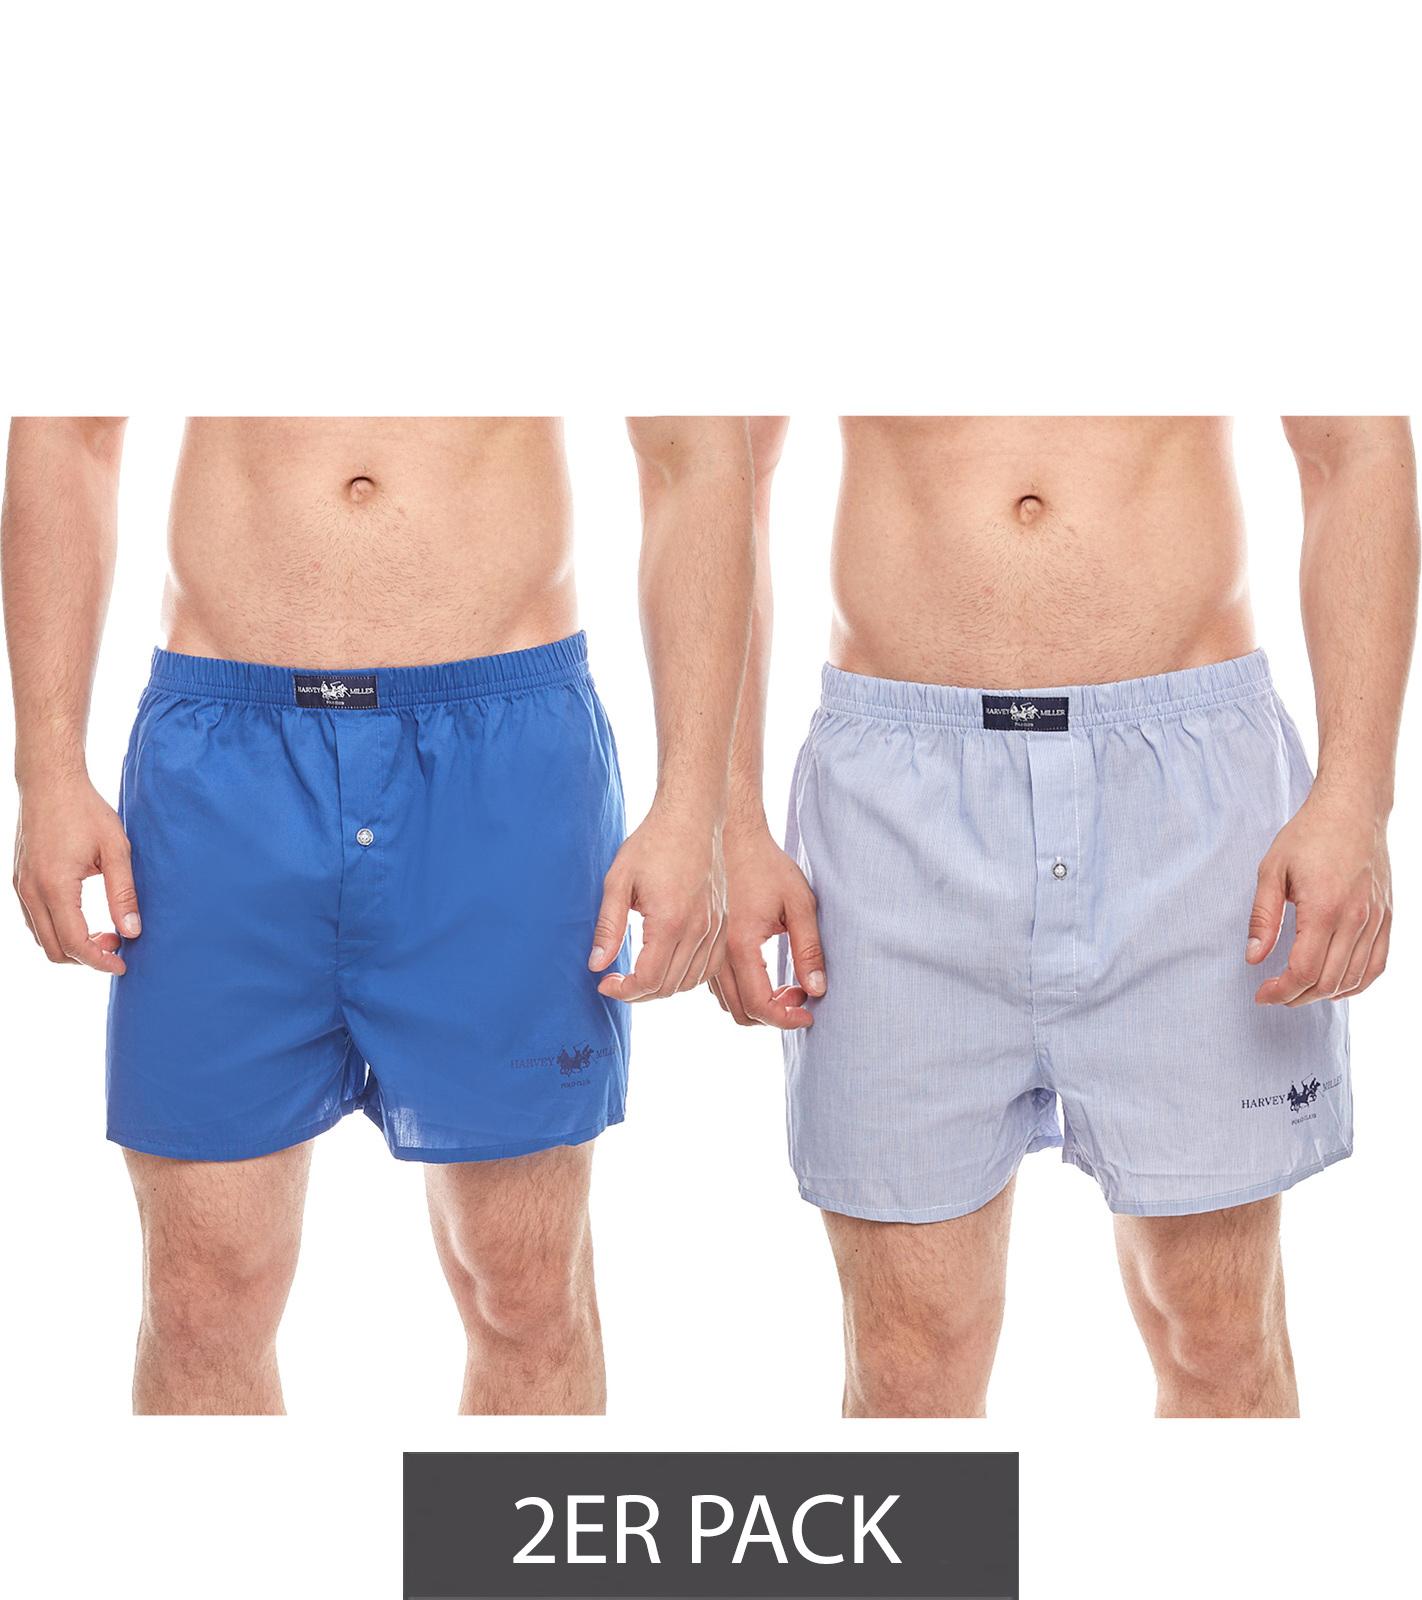 abholen detaillierte Bilder Großbritannien 2er Pack HARVEY MILLER POLO CLUB Herren Web-Boxershorts Unterwäsche Blau